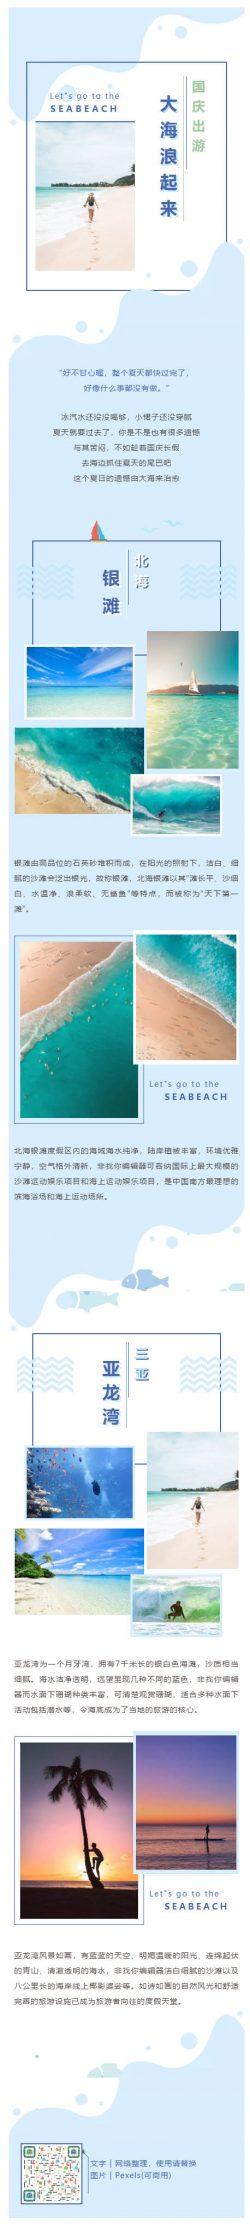 公众号蓝色动态小鱼国庆小长假微信模板推送素材旅游